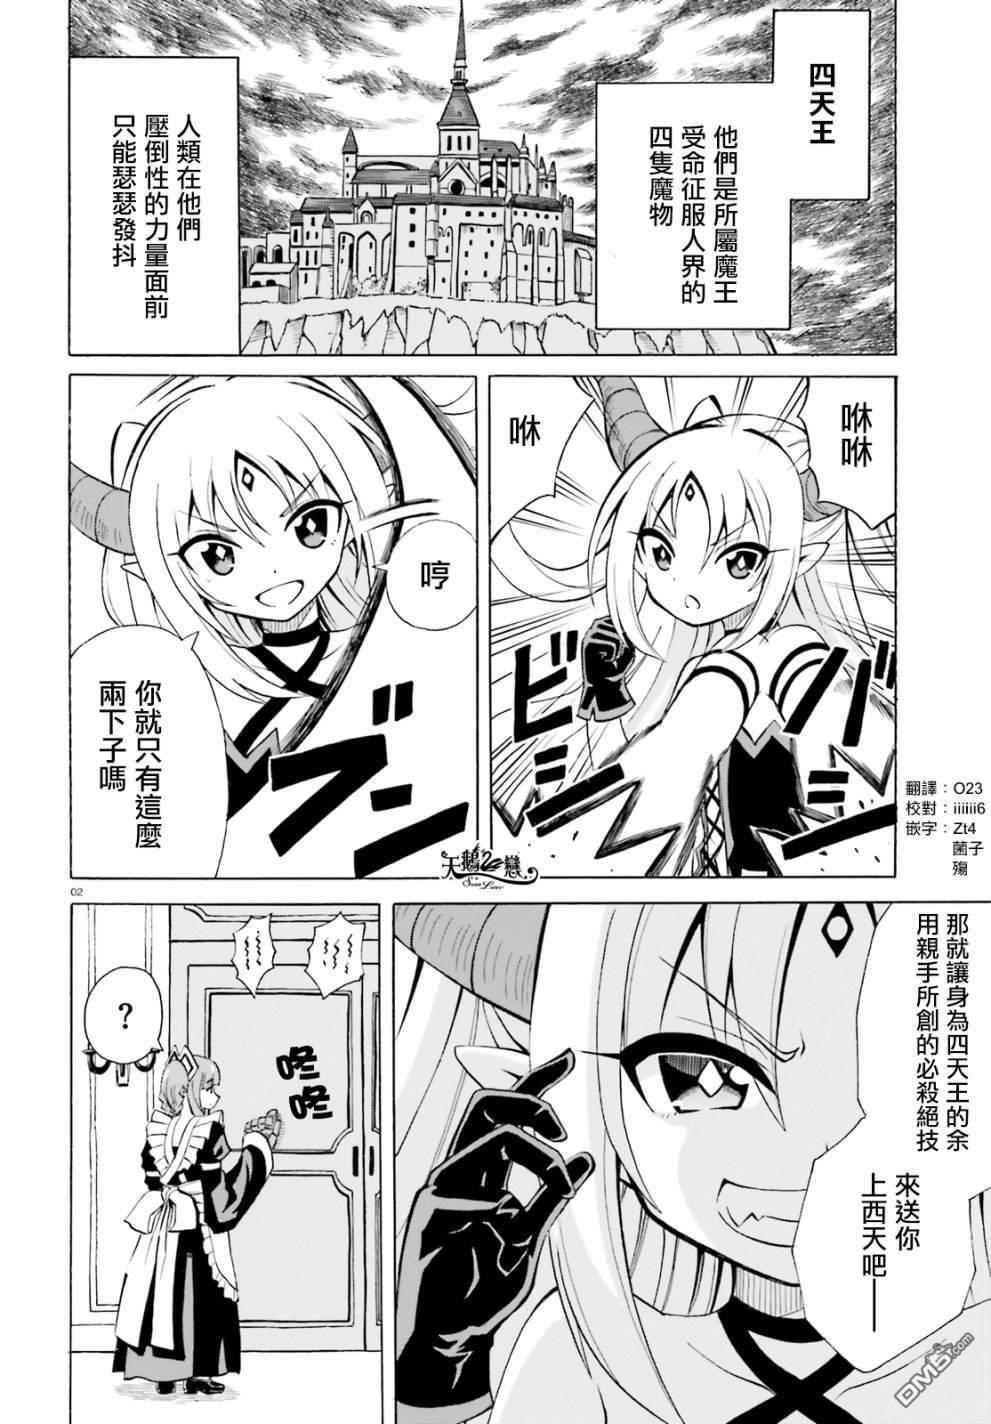 貝利亞大人即使在四天王中也是xx漫畫第2話(第1頁)劇情-二次元動漫